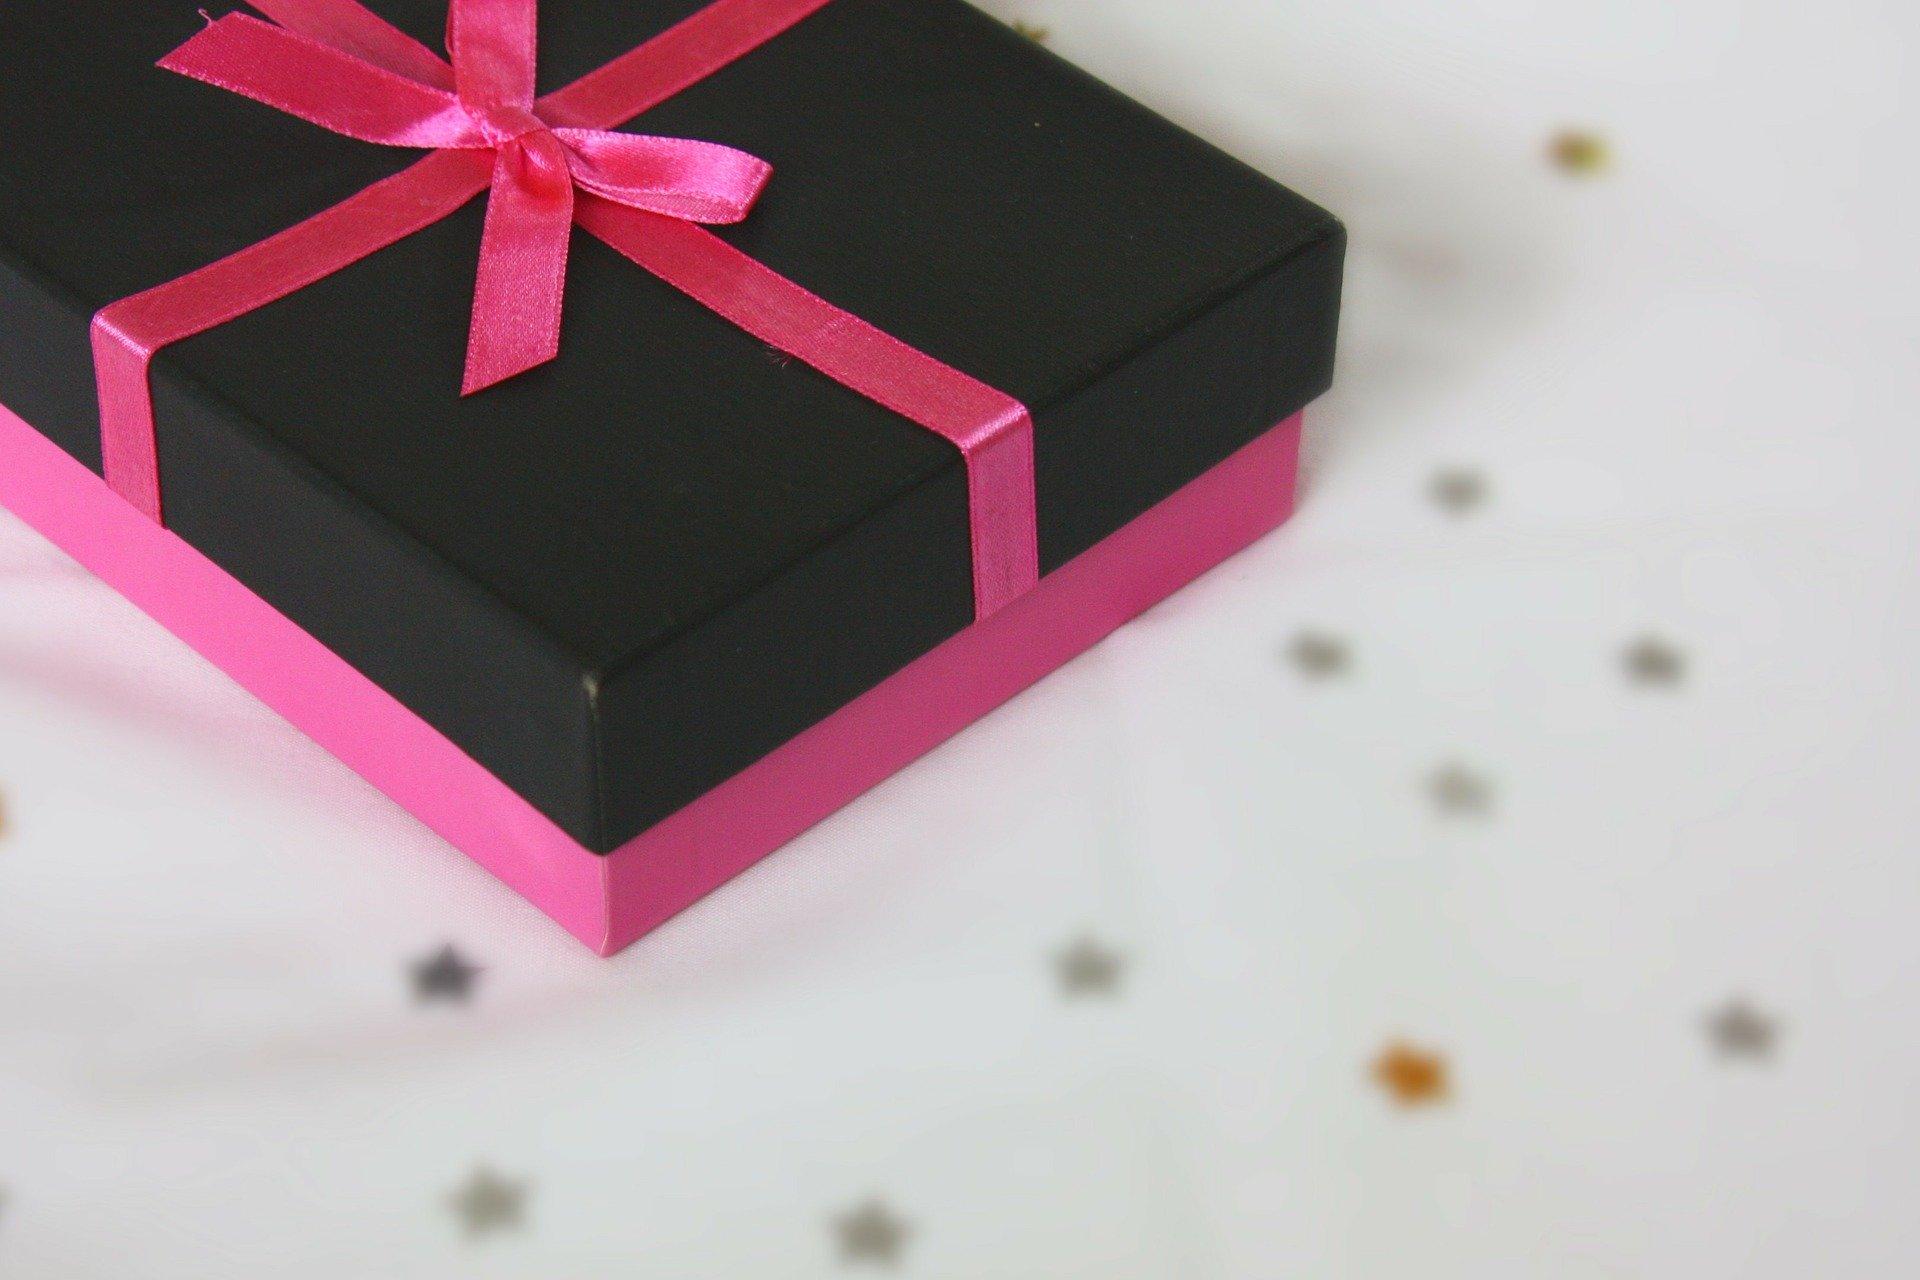 女性が喜ぶプレゼントはどんなもの?おすすめの商品をご紹介!